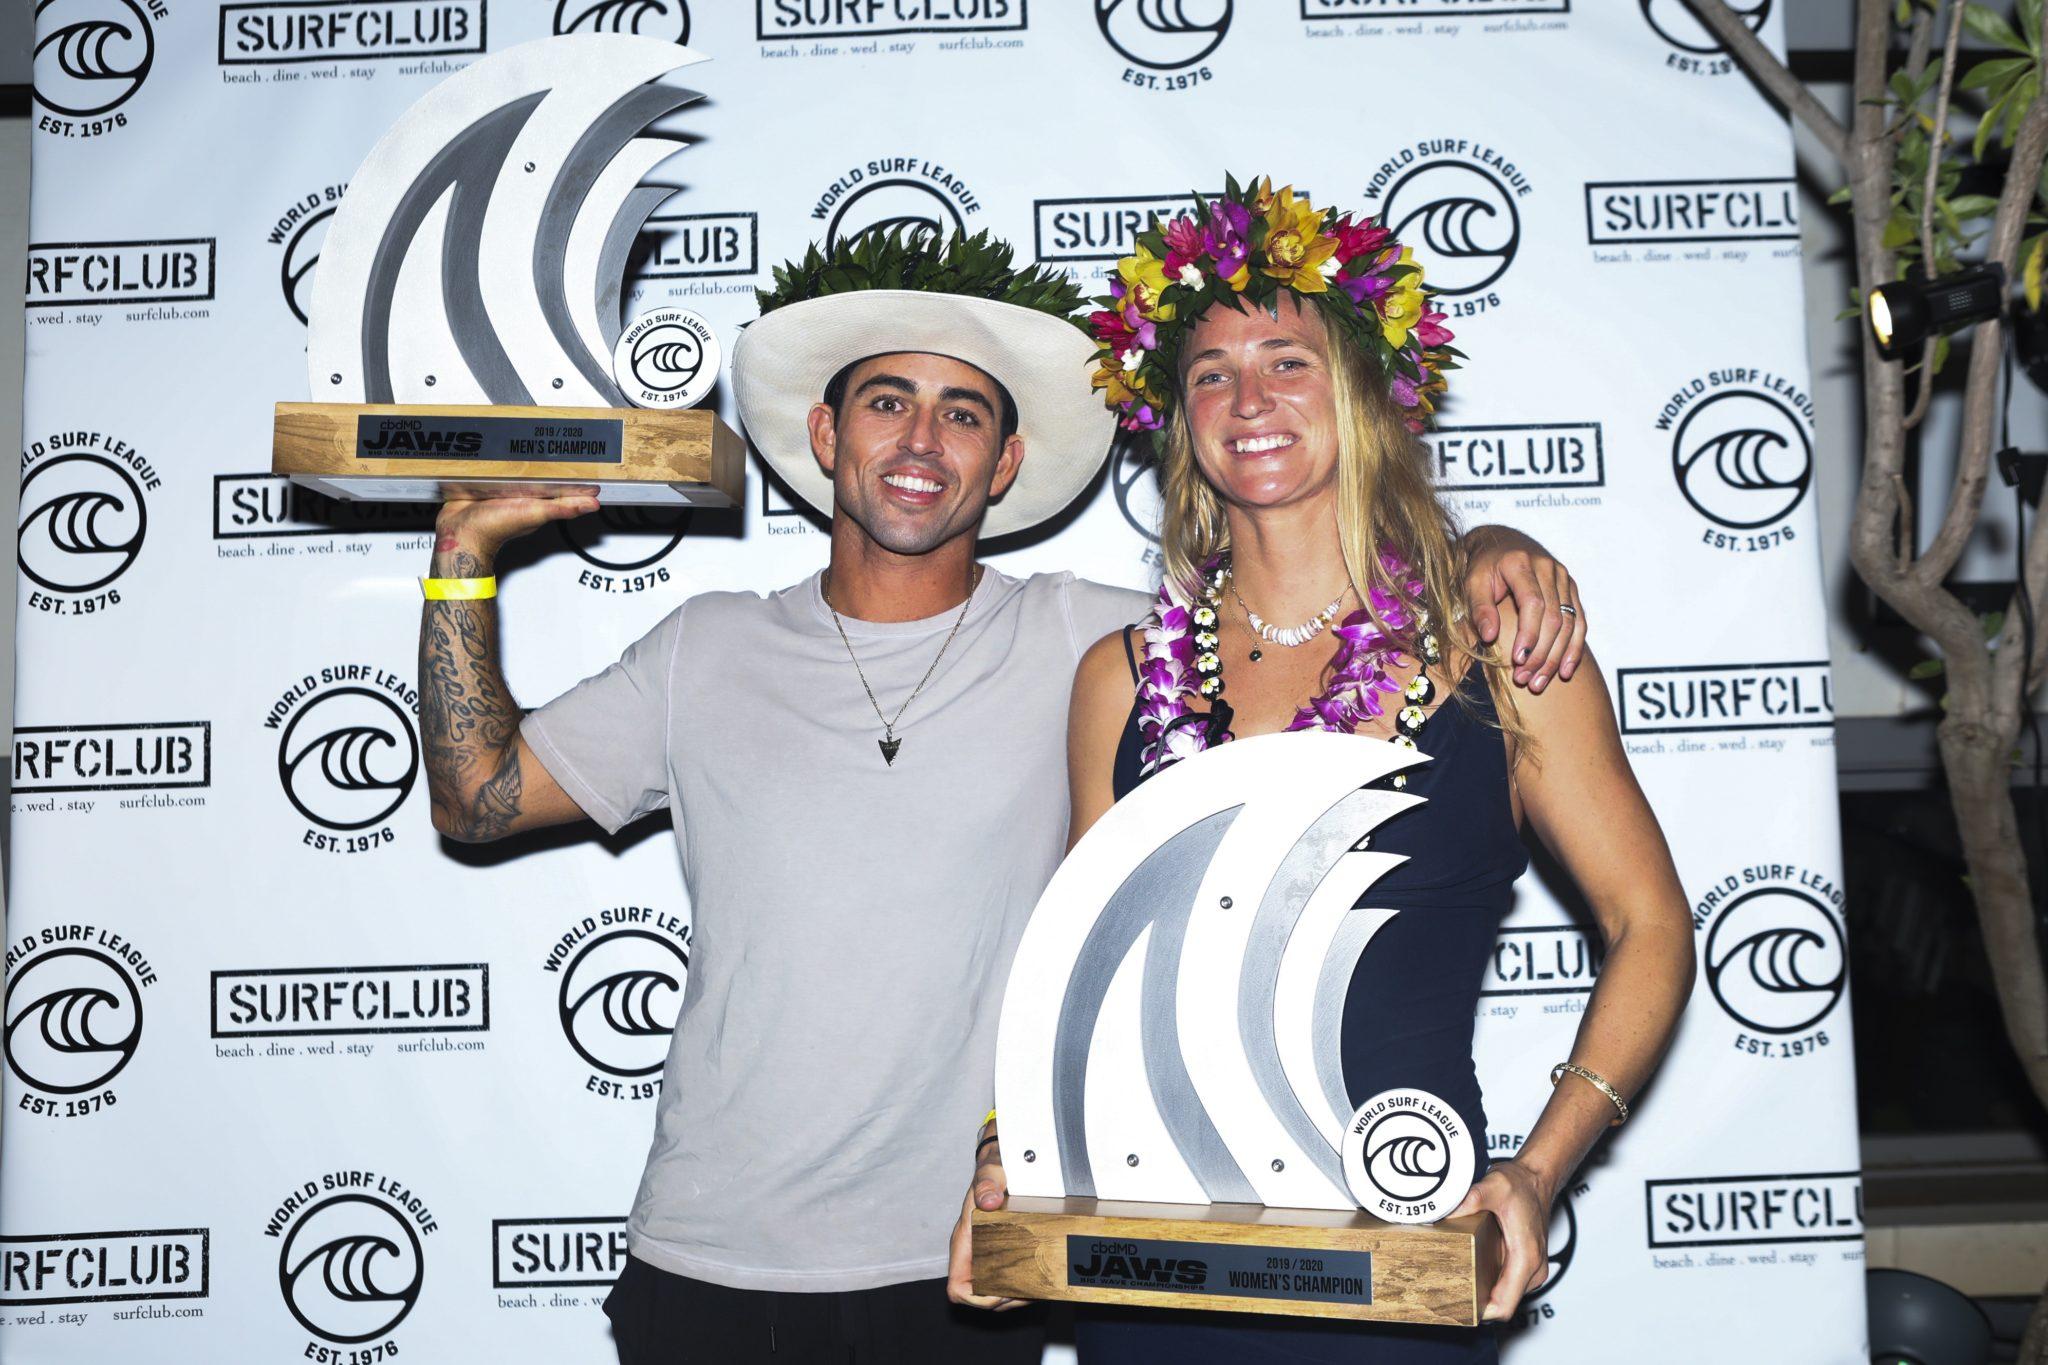 Campeões (Cat Miers / WSL via Getty Images)